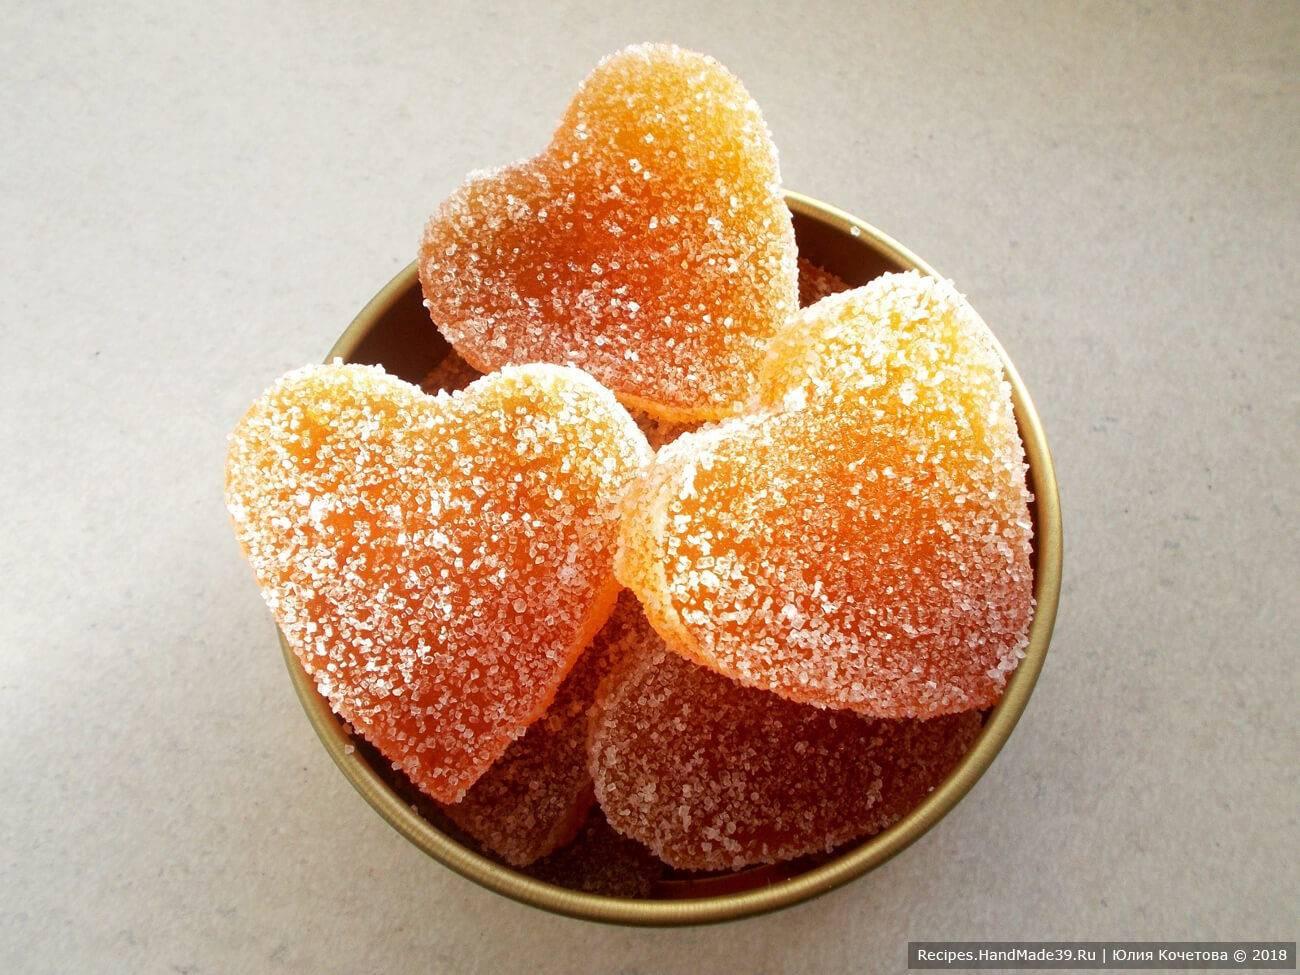 Домашние мармелады из яблок – проверенные рецепты